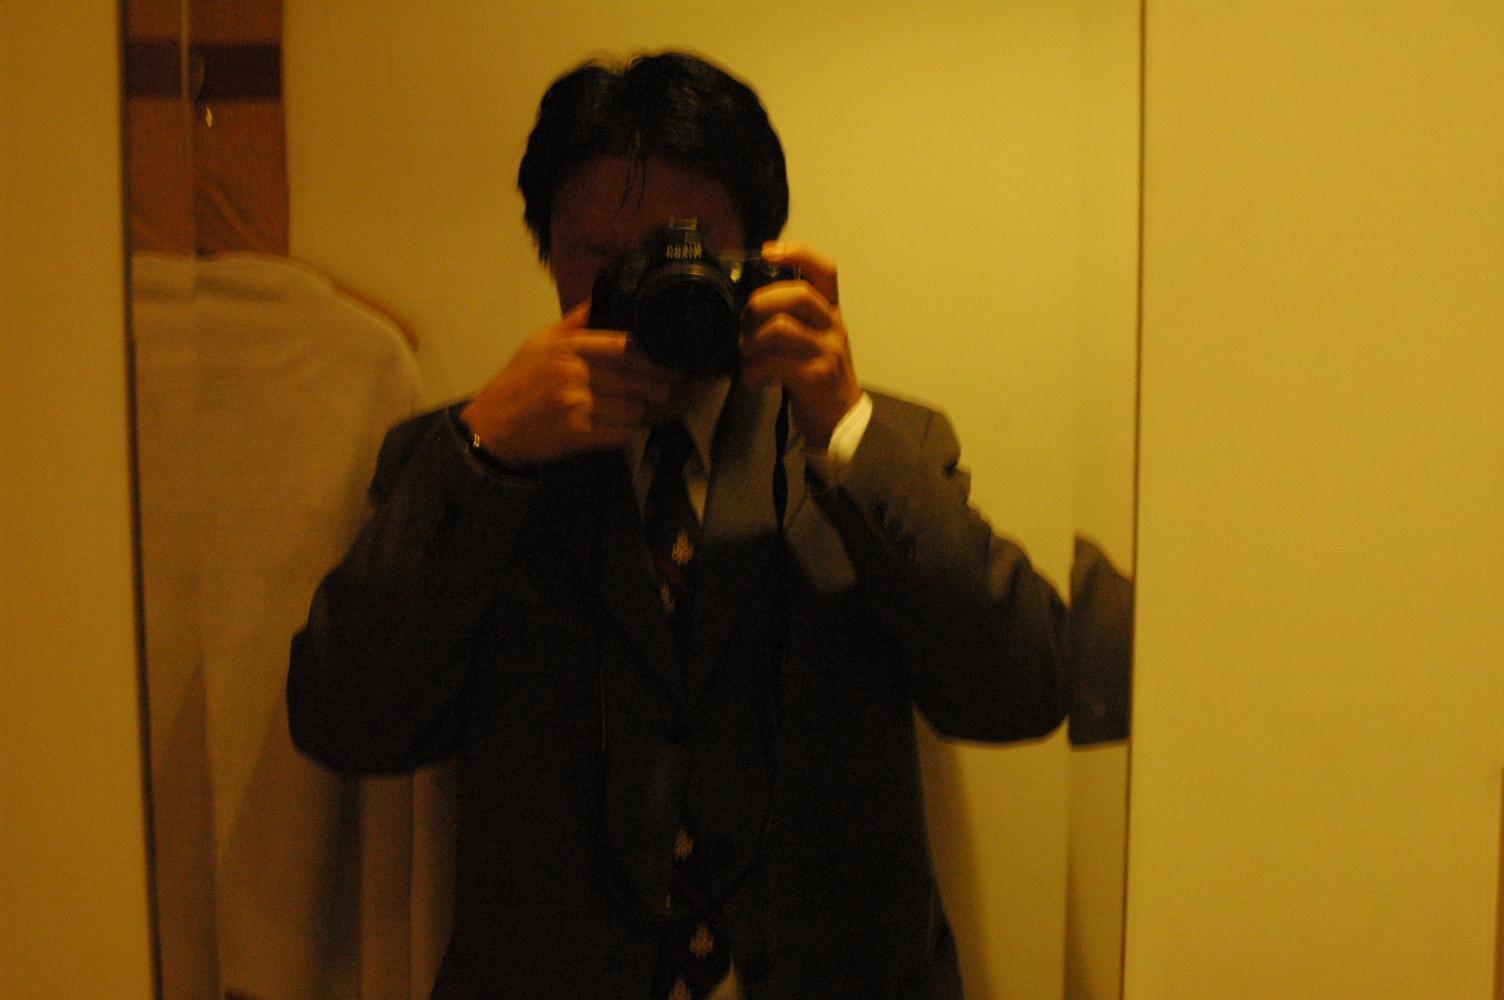 2012年10月20日:Victoria访华团代表 嘉和国际总监 Mr. Quentin Hu,整装待发!